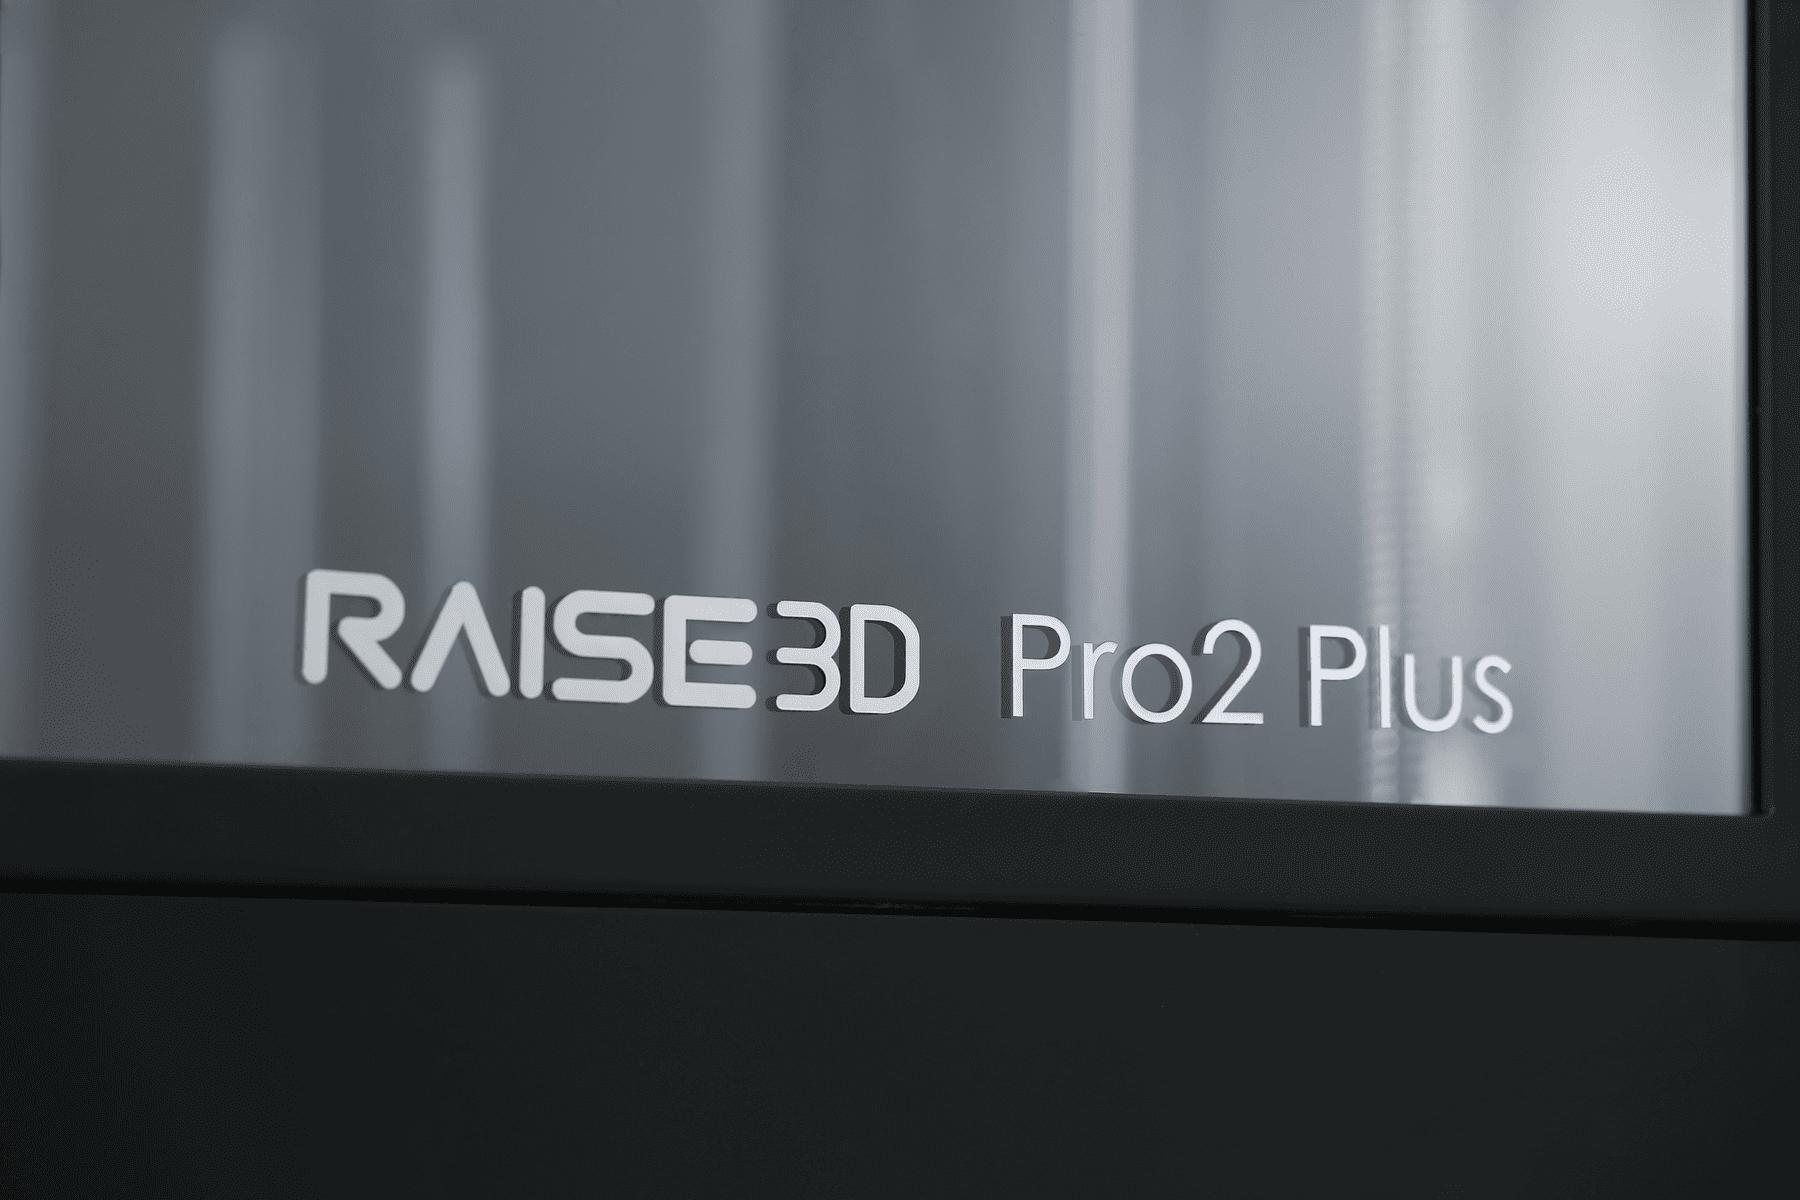 Le Nuove Raise3D Pro 2 e Pro 2 Plus